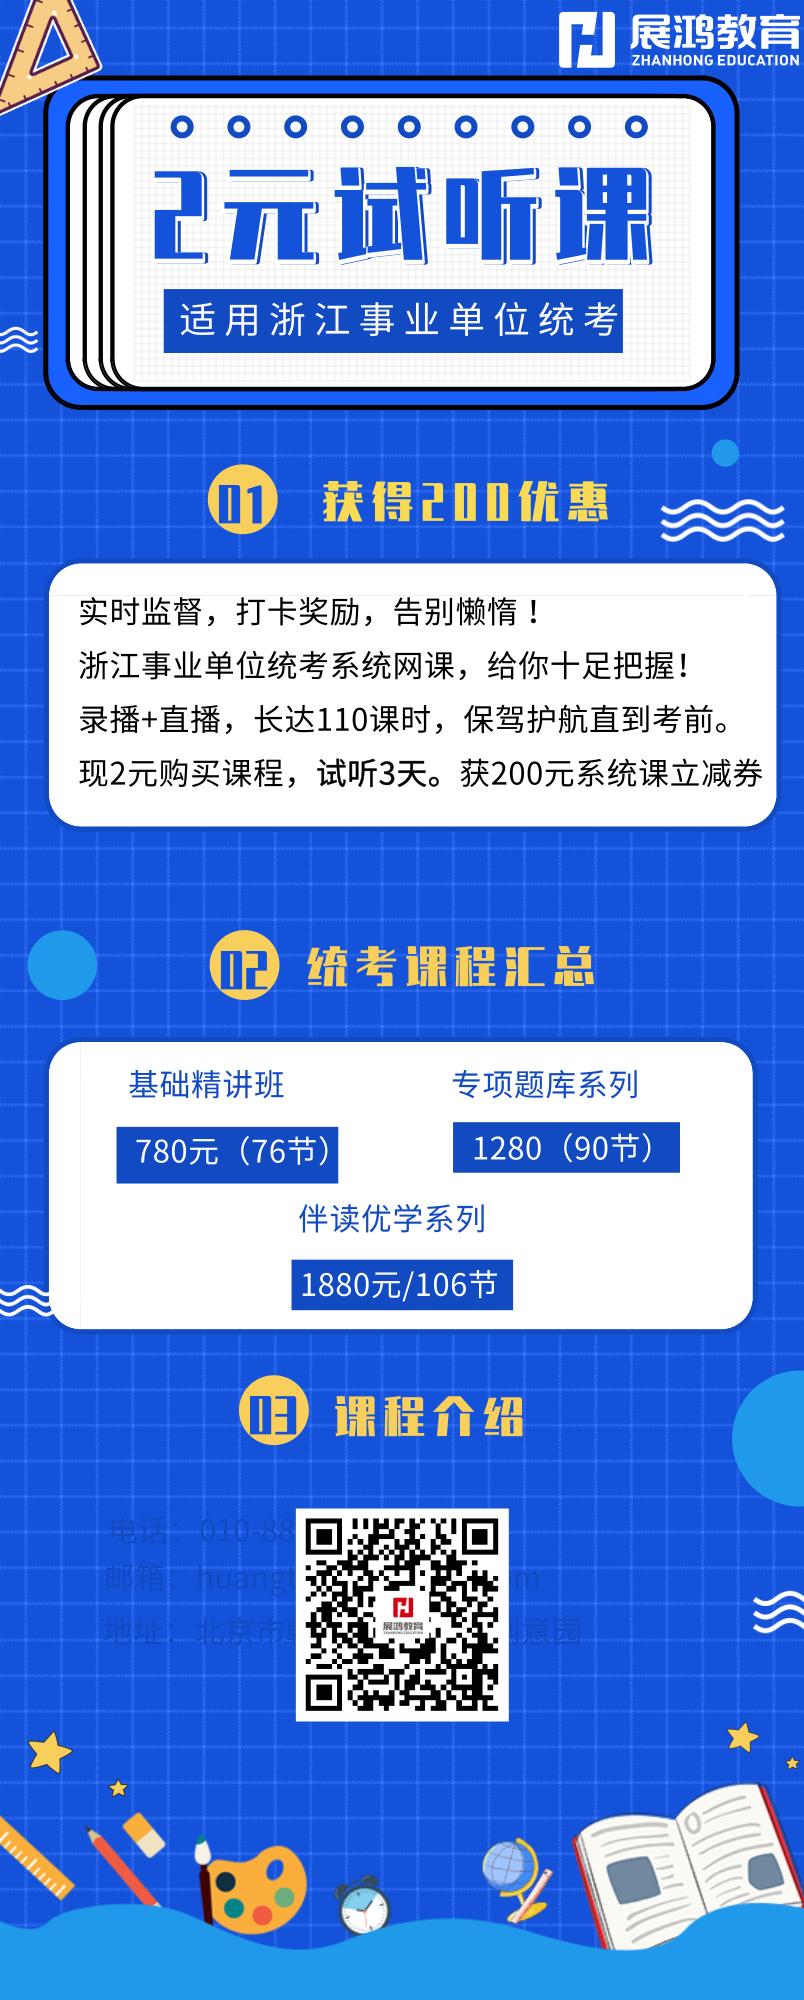 默认标题_自定义px_2019.08.28.png